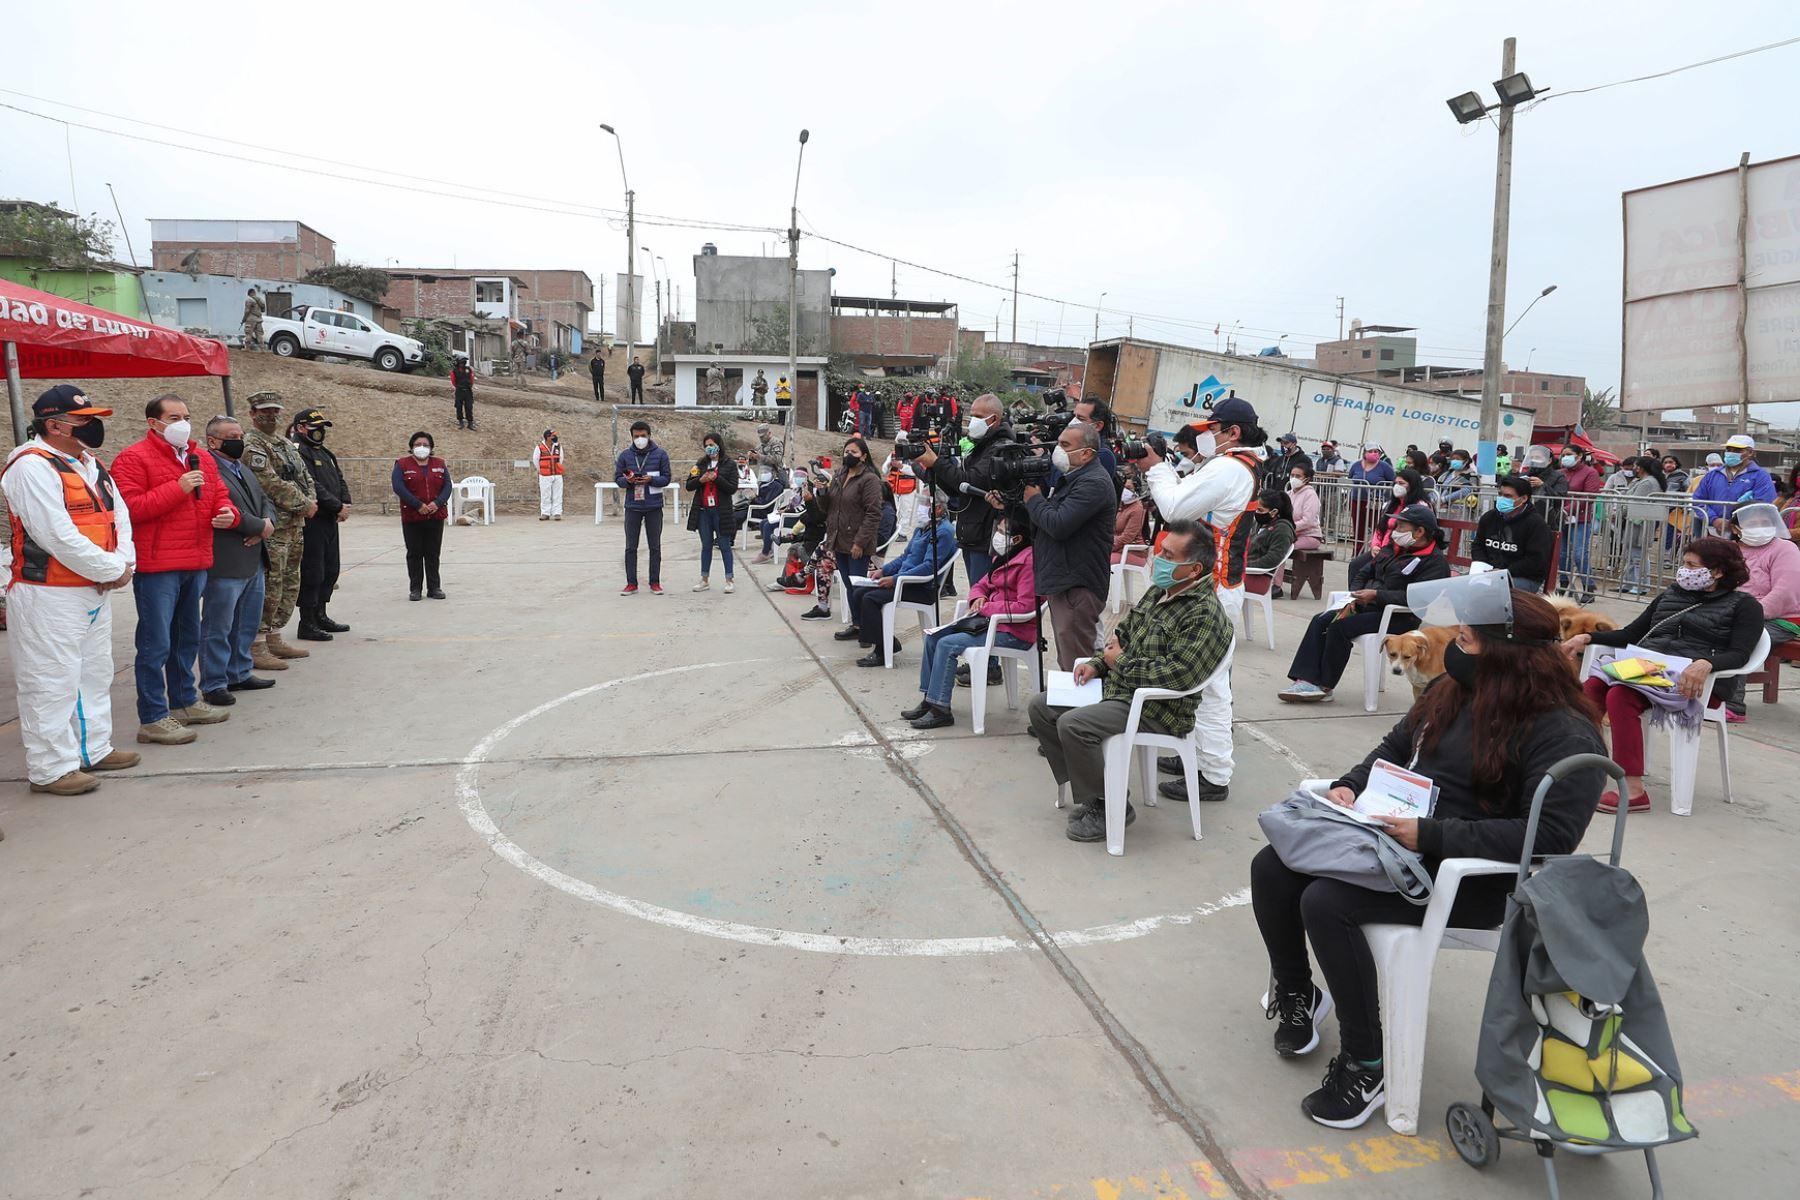 El presidente del Consejo de Ministros, Walter Martos, supervisa la entrega de canastas de víveres a familias en situación de vulnerabilidad del distrito de Lurín en el contexto de la emergencia sanitaria por el covid-19. Foto: PCM.